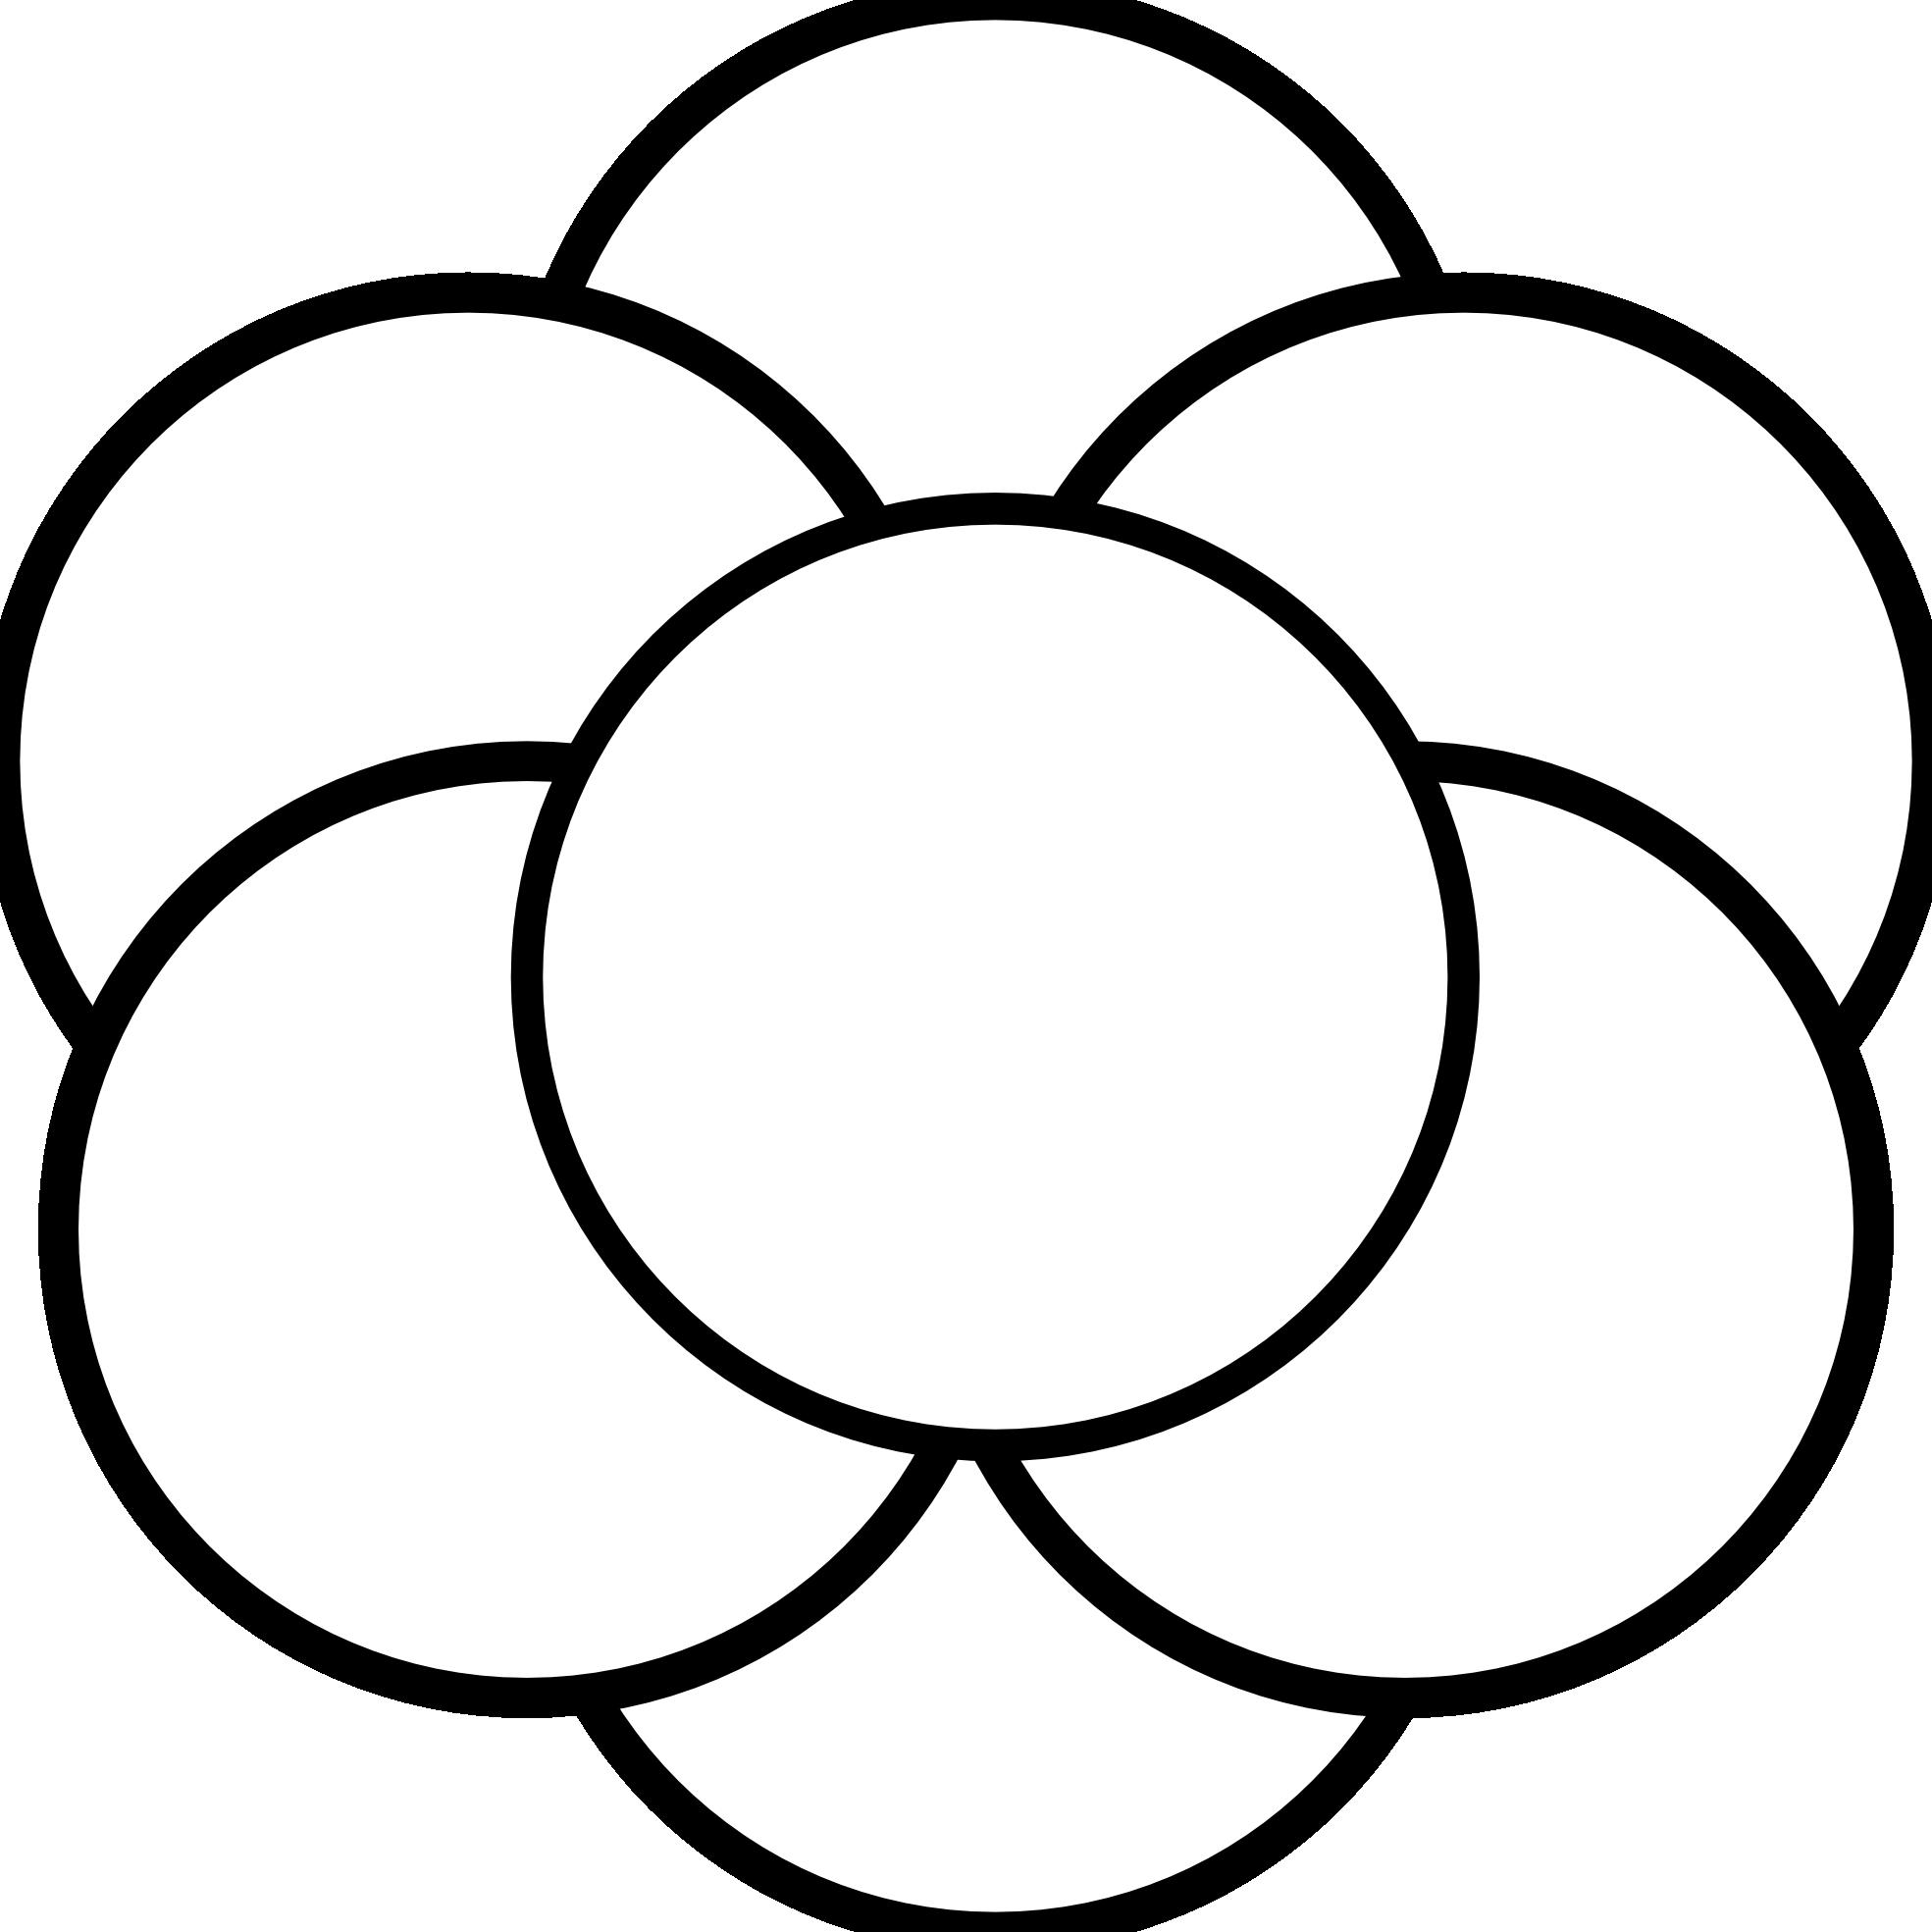 Dot clipart black and white. Flower stem panda free